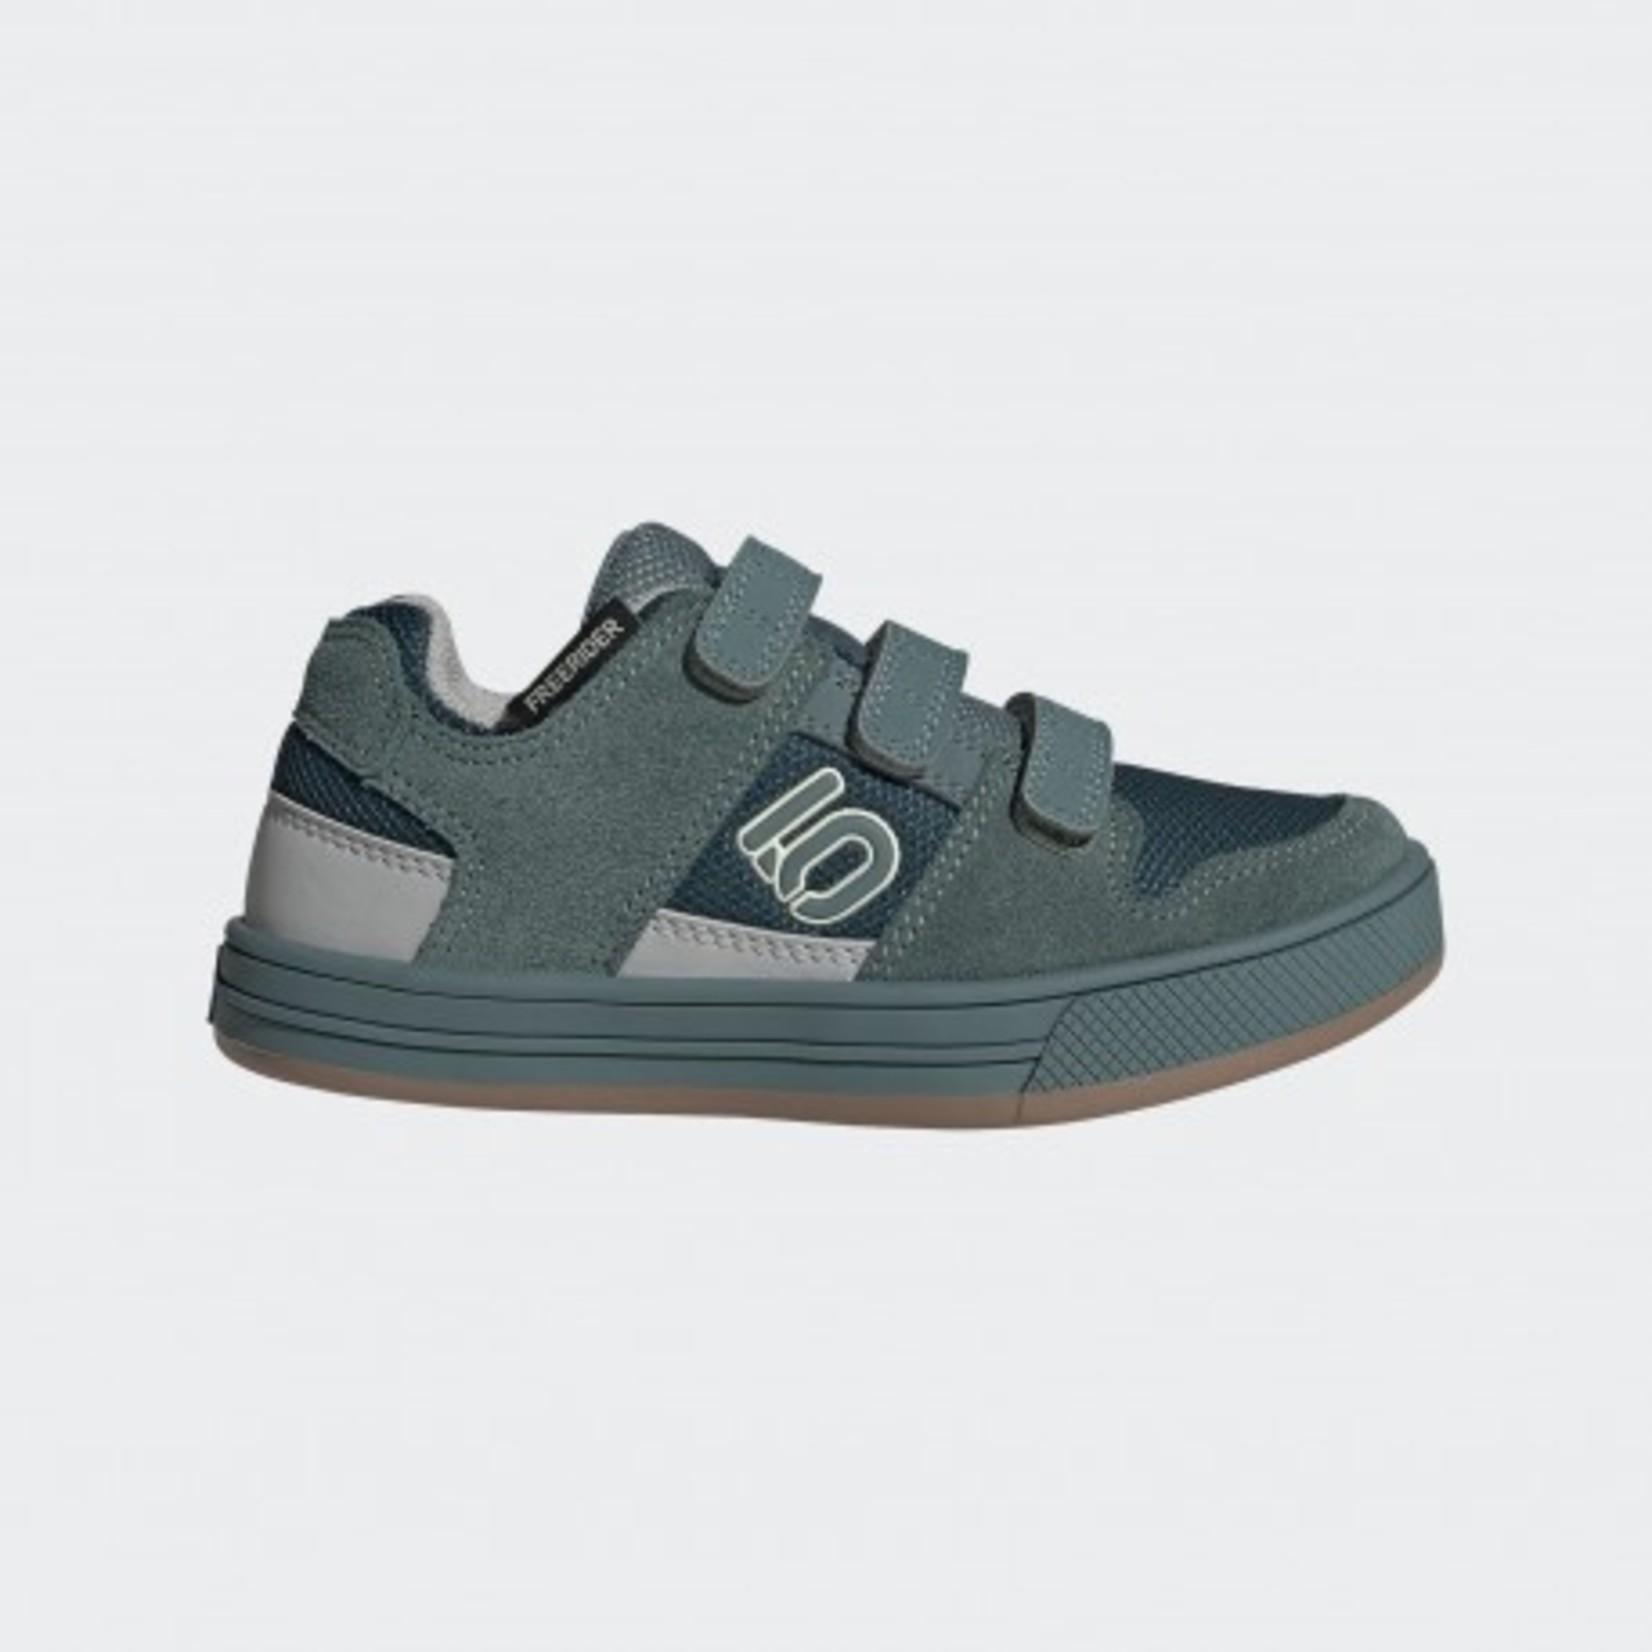 Five Ten x Adidas FREERIDER KIDS VCS WILTEA,SAND,HAZEME 5